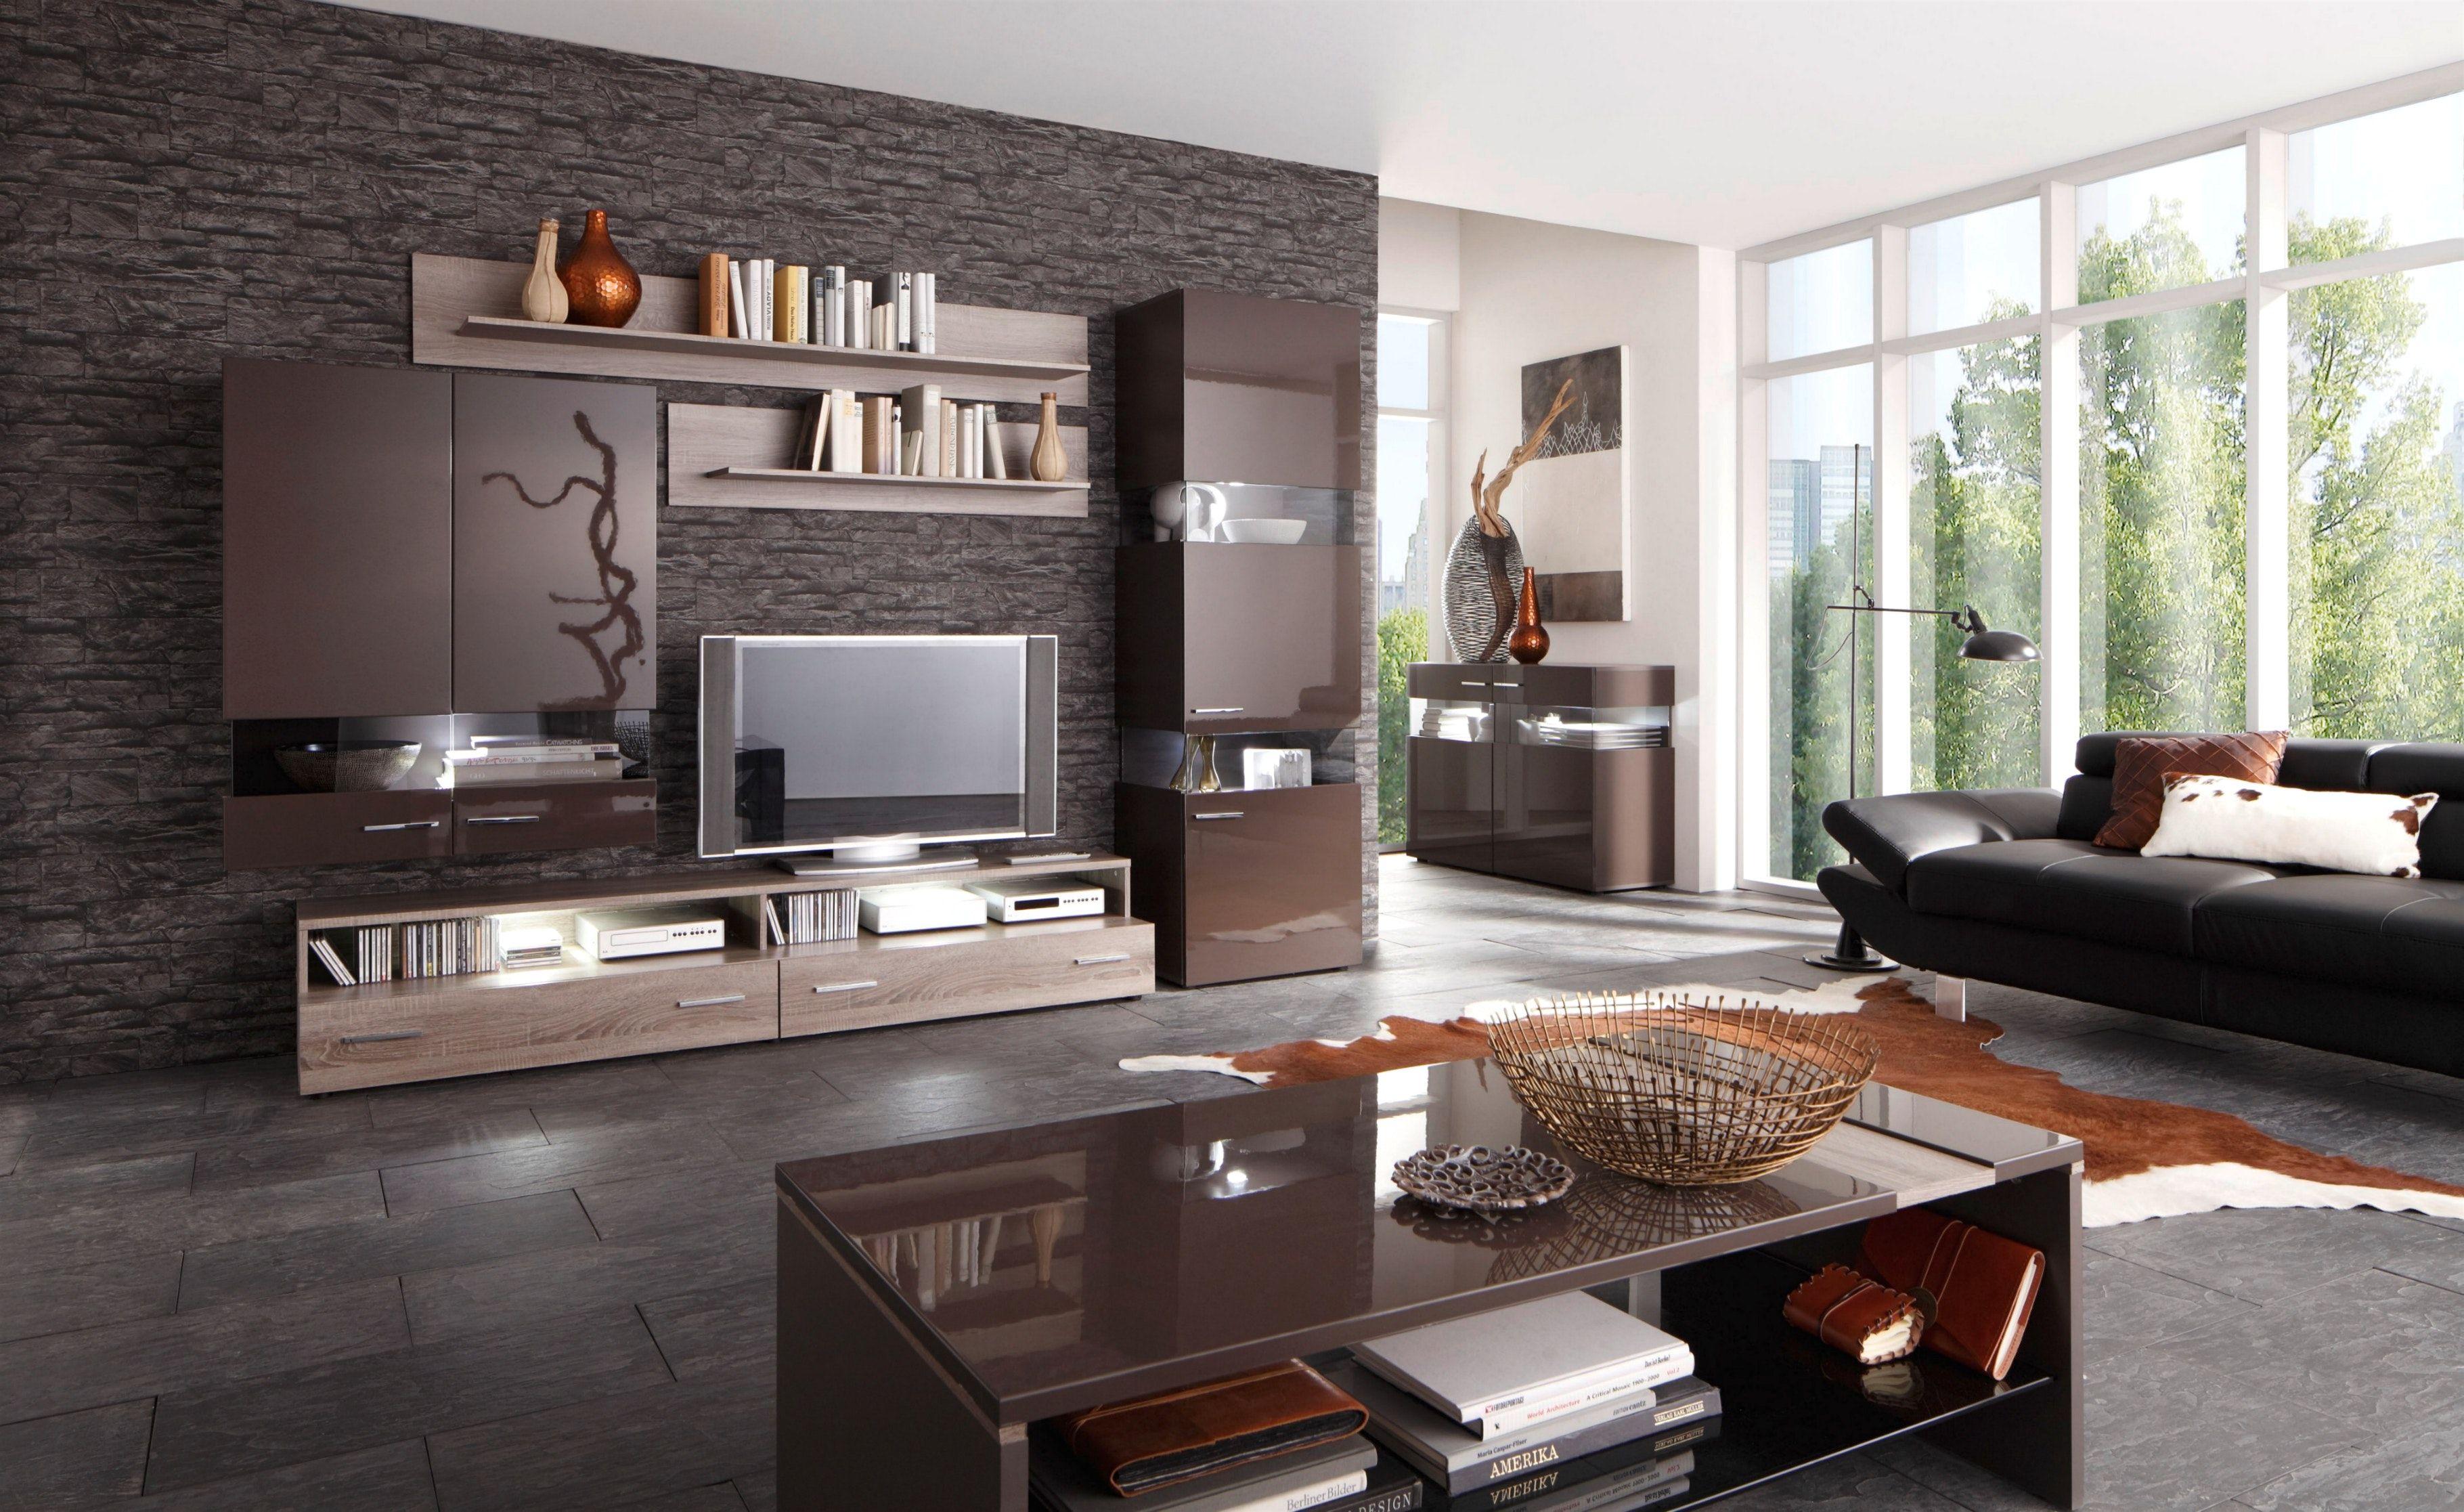 AuBergewohnlich Wohnideen Für Wohnzimmer Wände